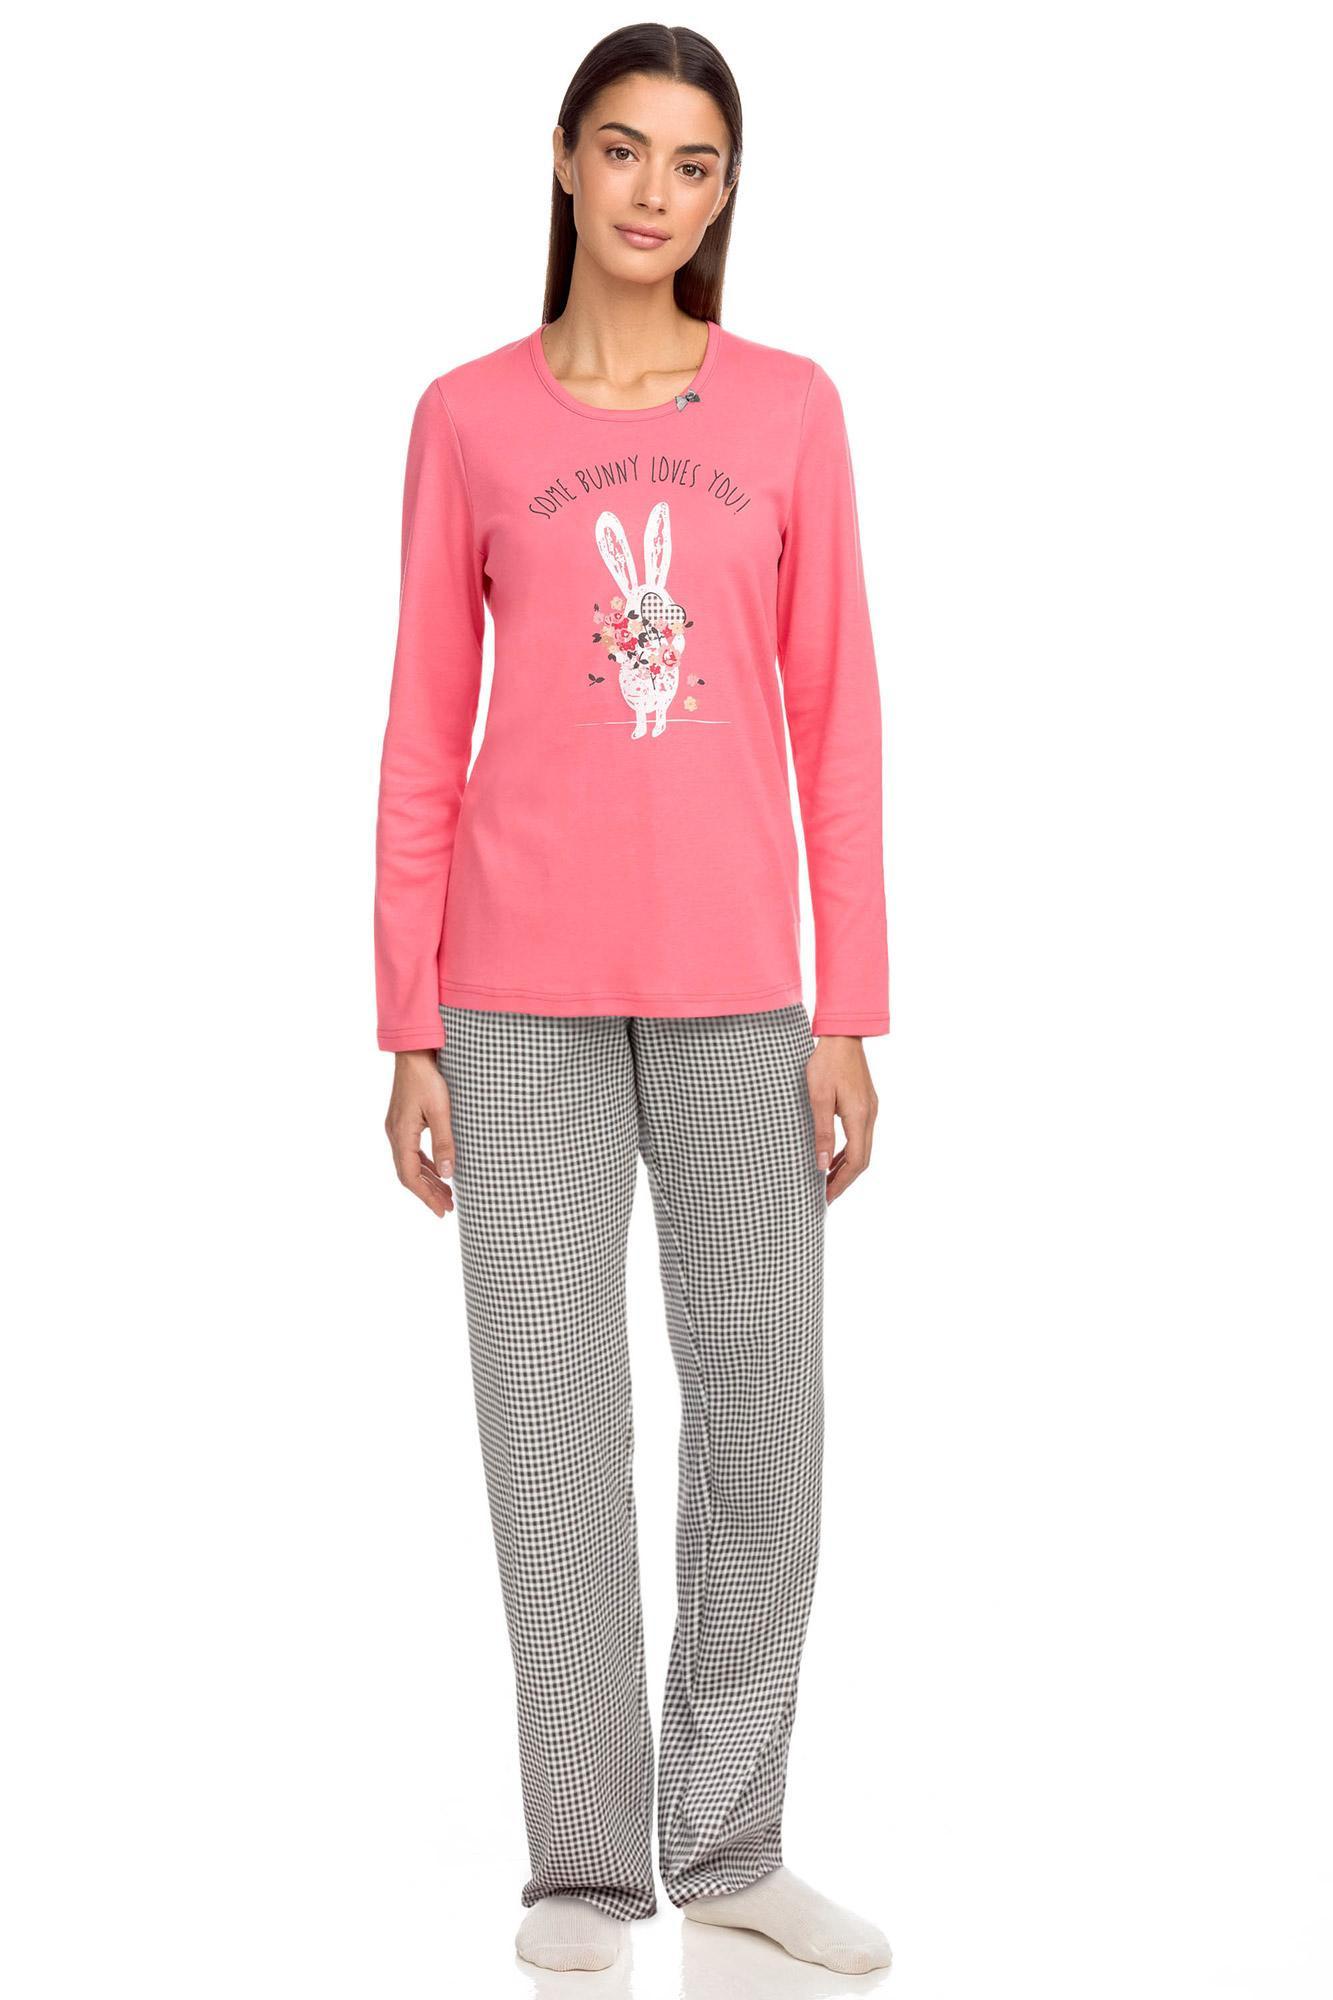 Vamp - Dámske pyžamo 15353 - Vamp růžové potěšení XXL